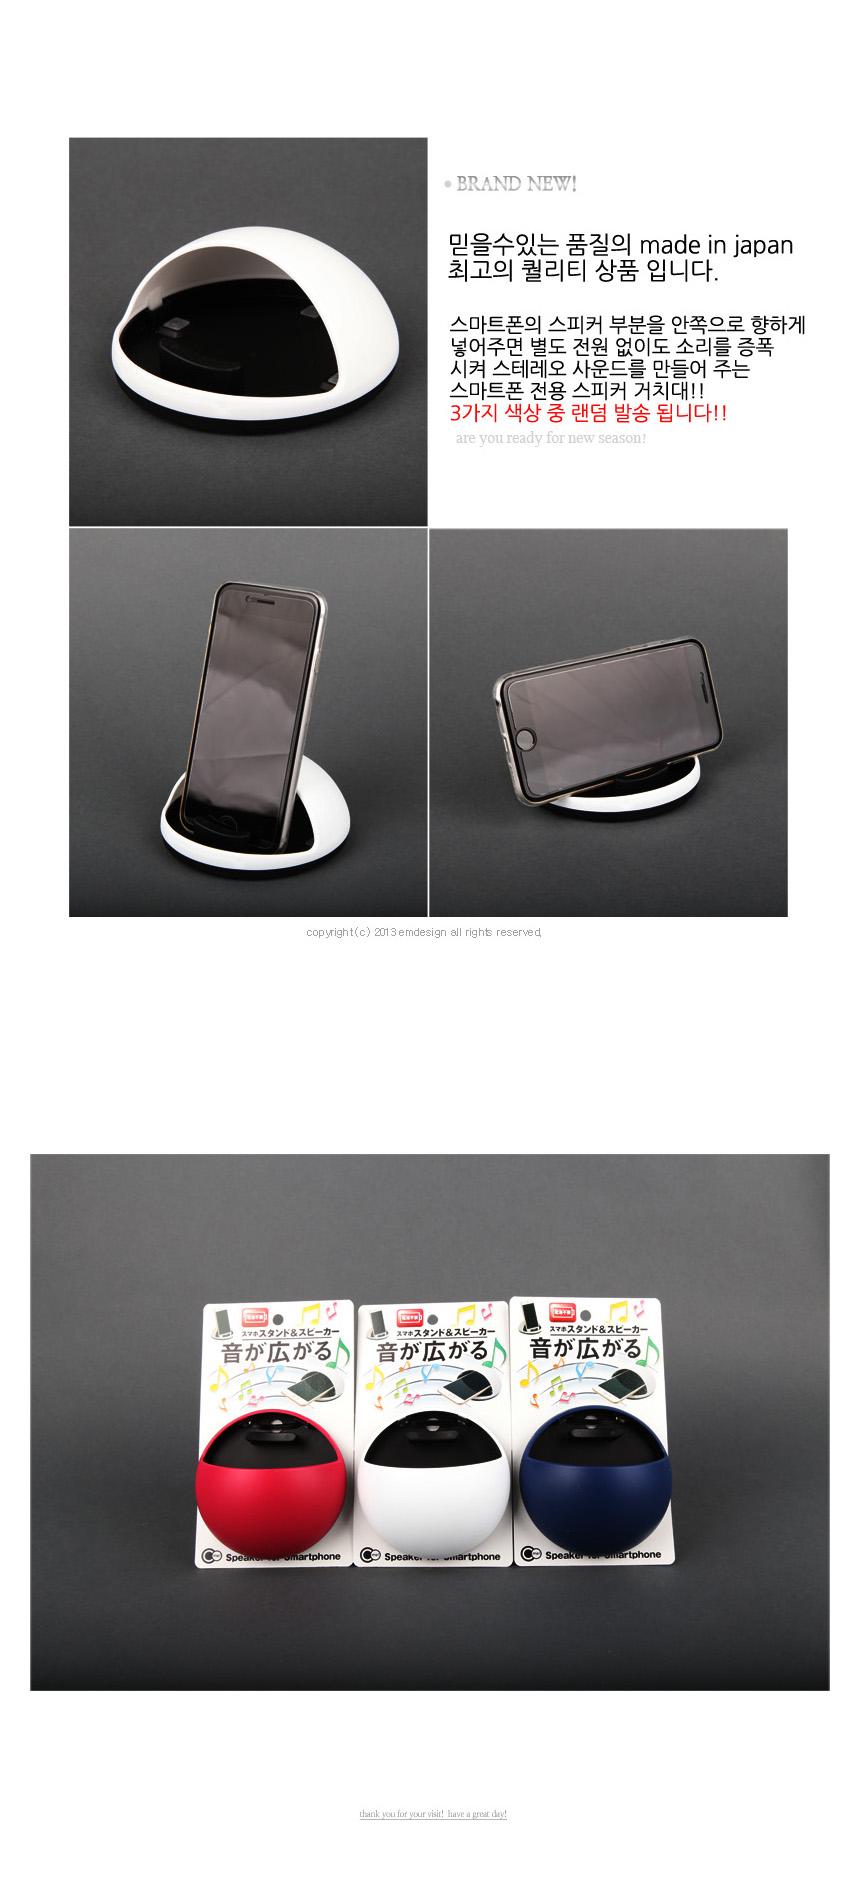 스마트폰 스피커 거치대 1개(색상랜덤) - 콕닷컴, 7,500원, 거치대/홀더, 일반 거치대